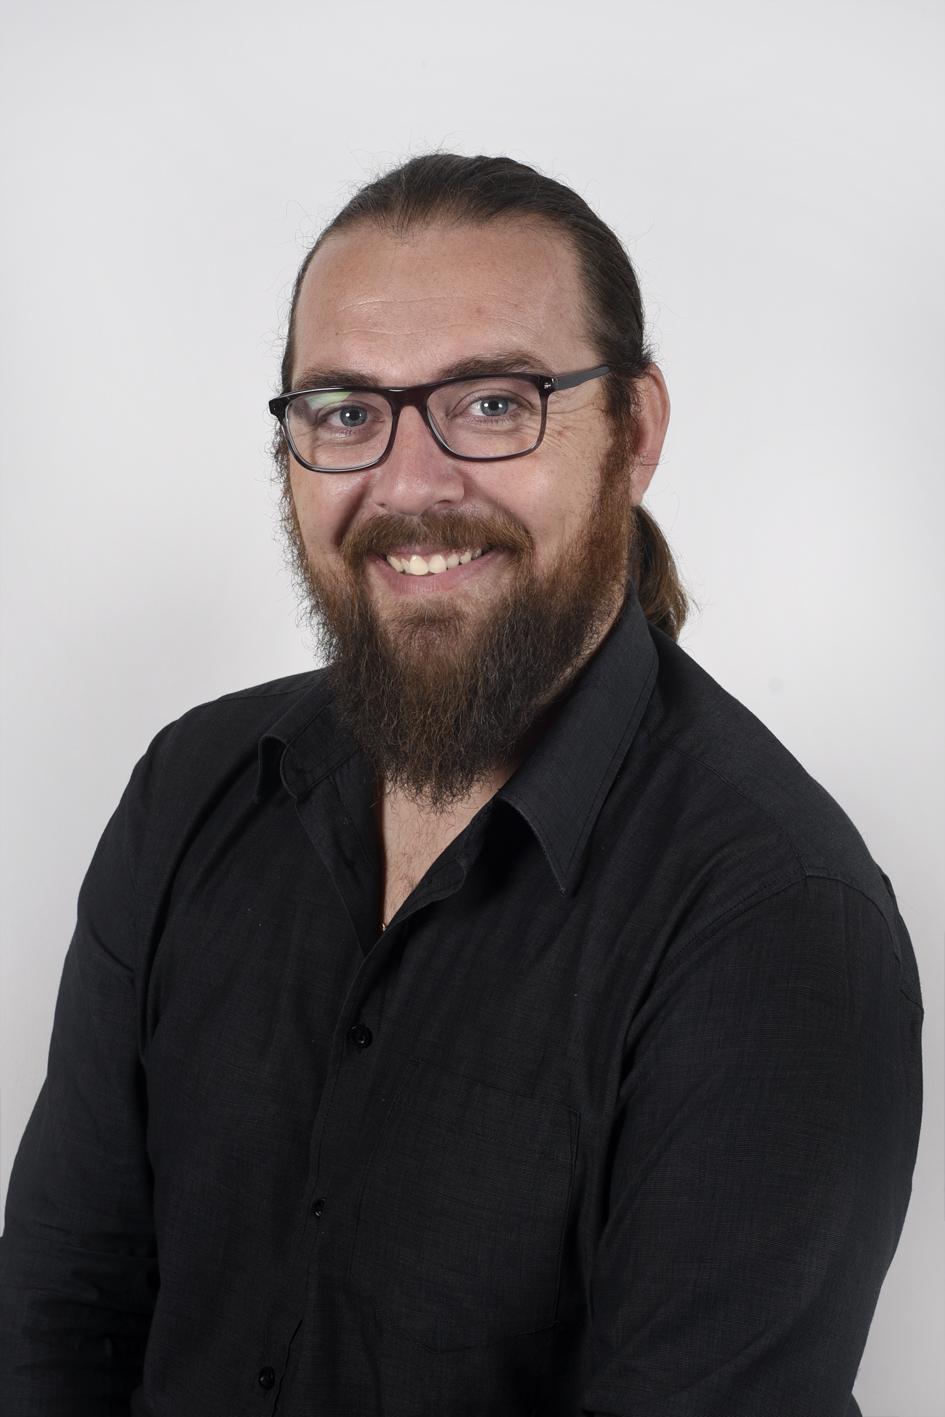 Arben Hallac